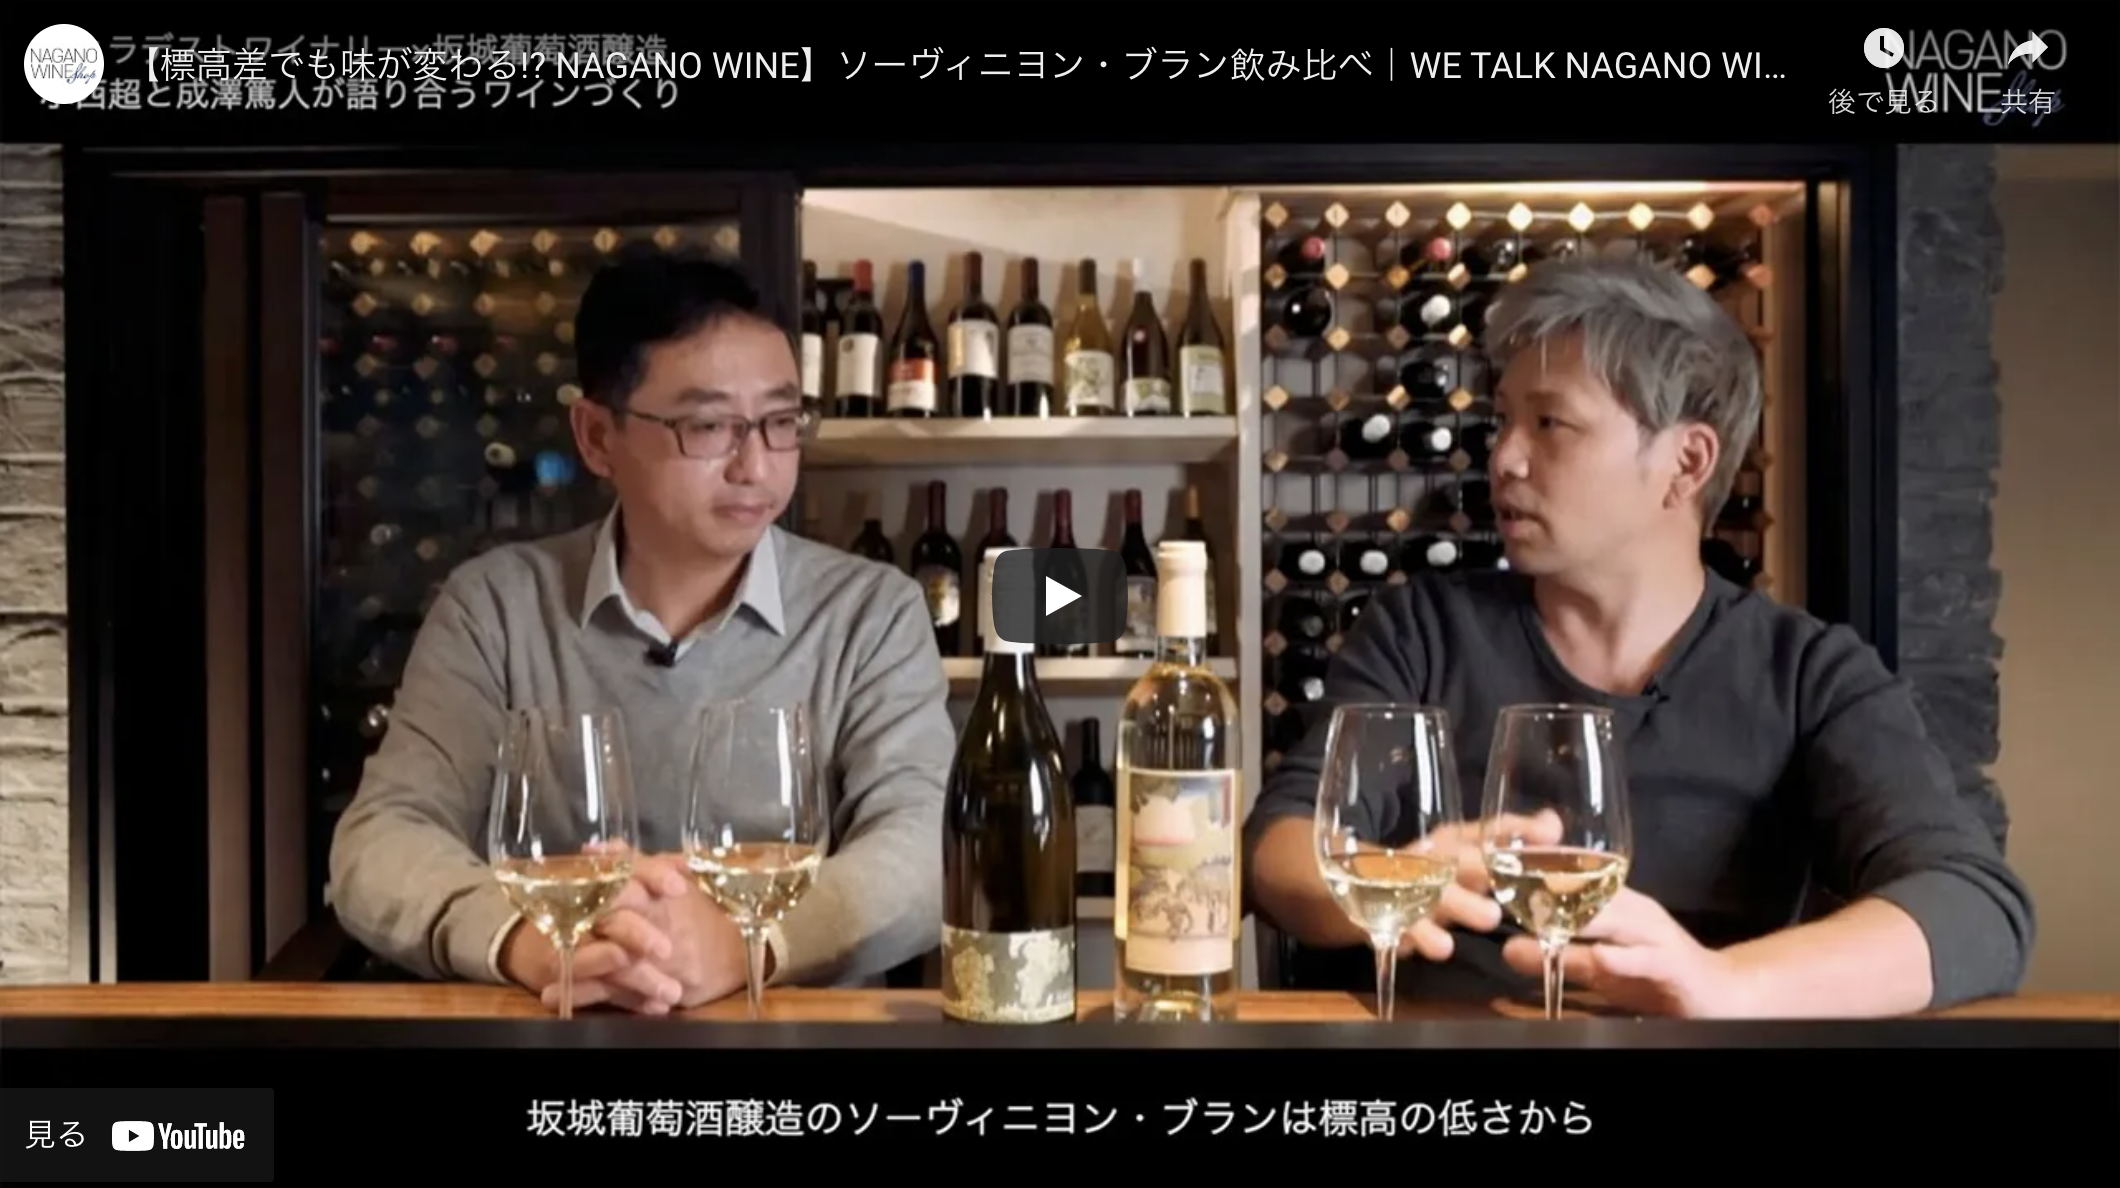 坂城葡萄酒醸造様